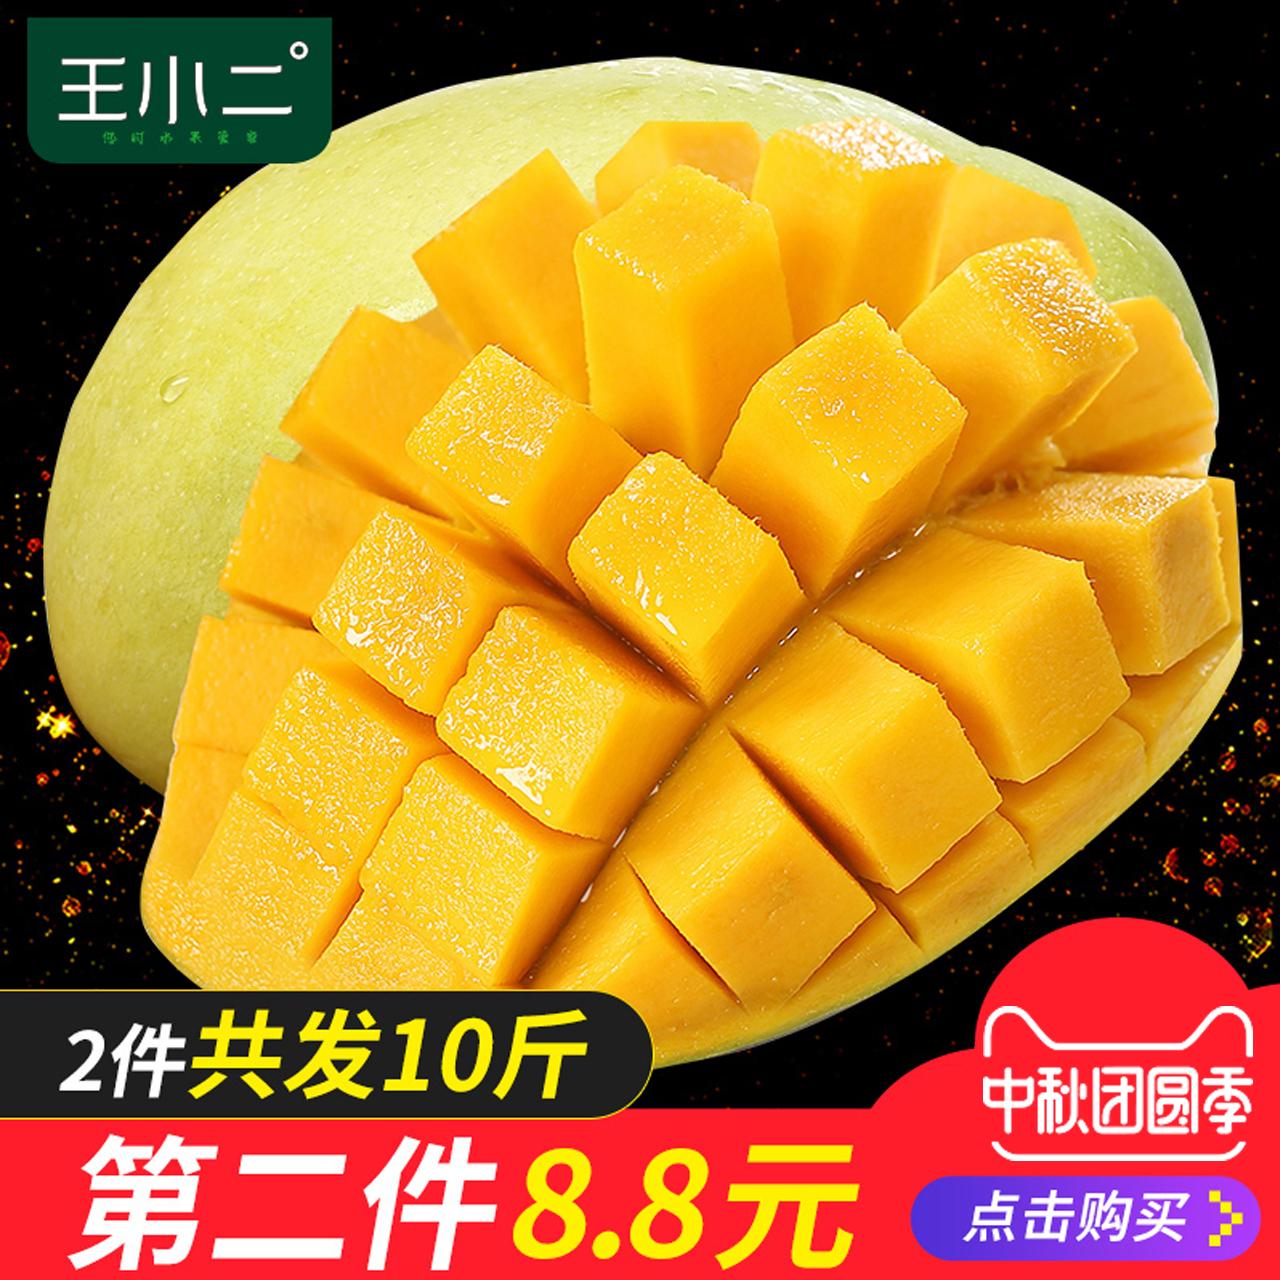 Ван Сяоер, Сычуань Панжихуа Кейт Манго новый Свежие фрукты бесплатная доставка по китаю 2 штуки FCL 10 кг